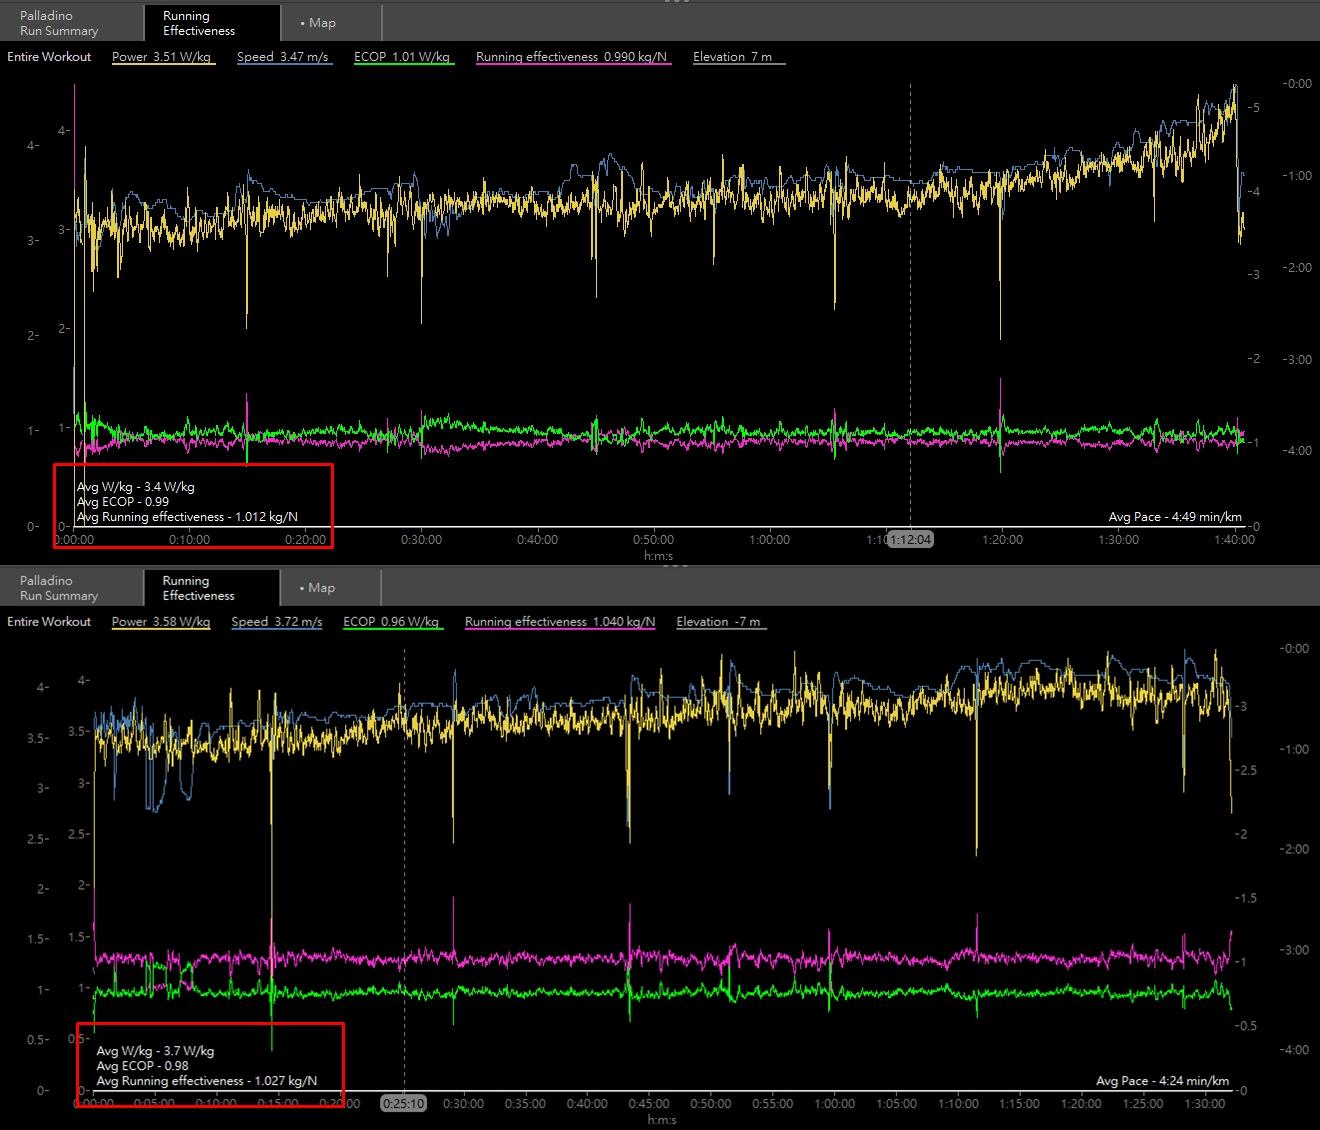 半馬距離的長跑訓練數據